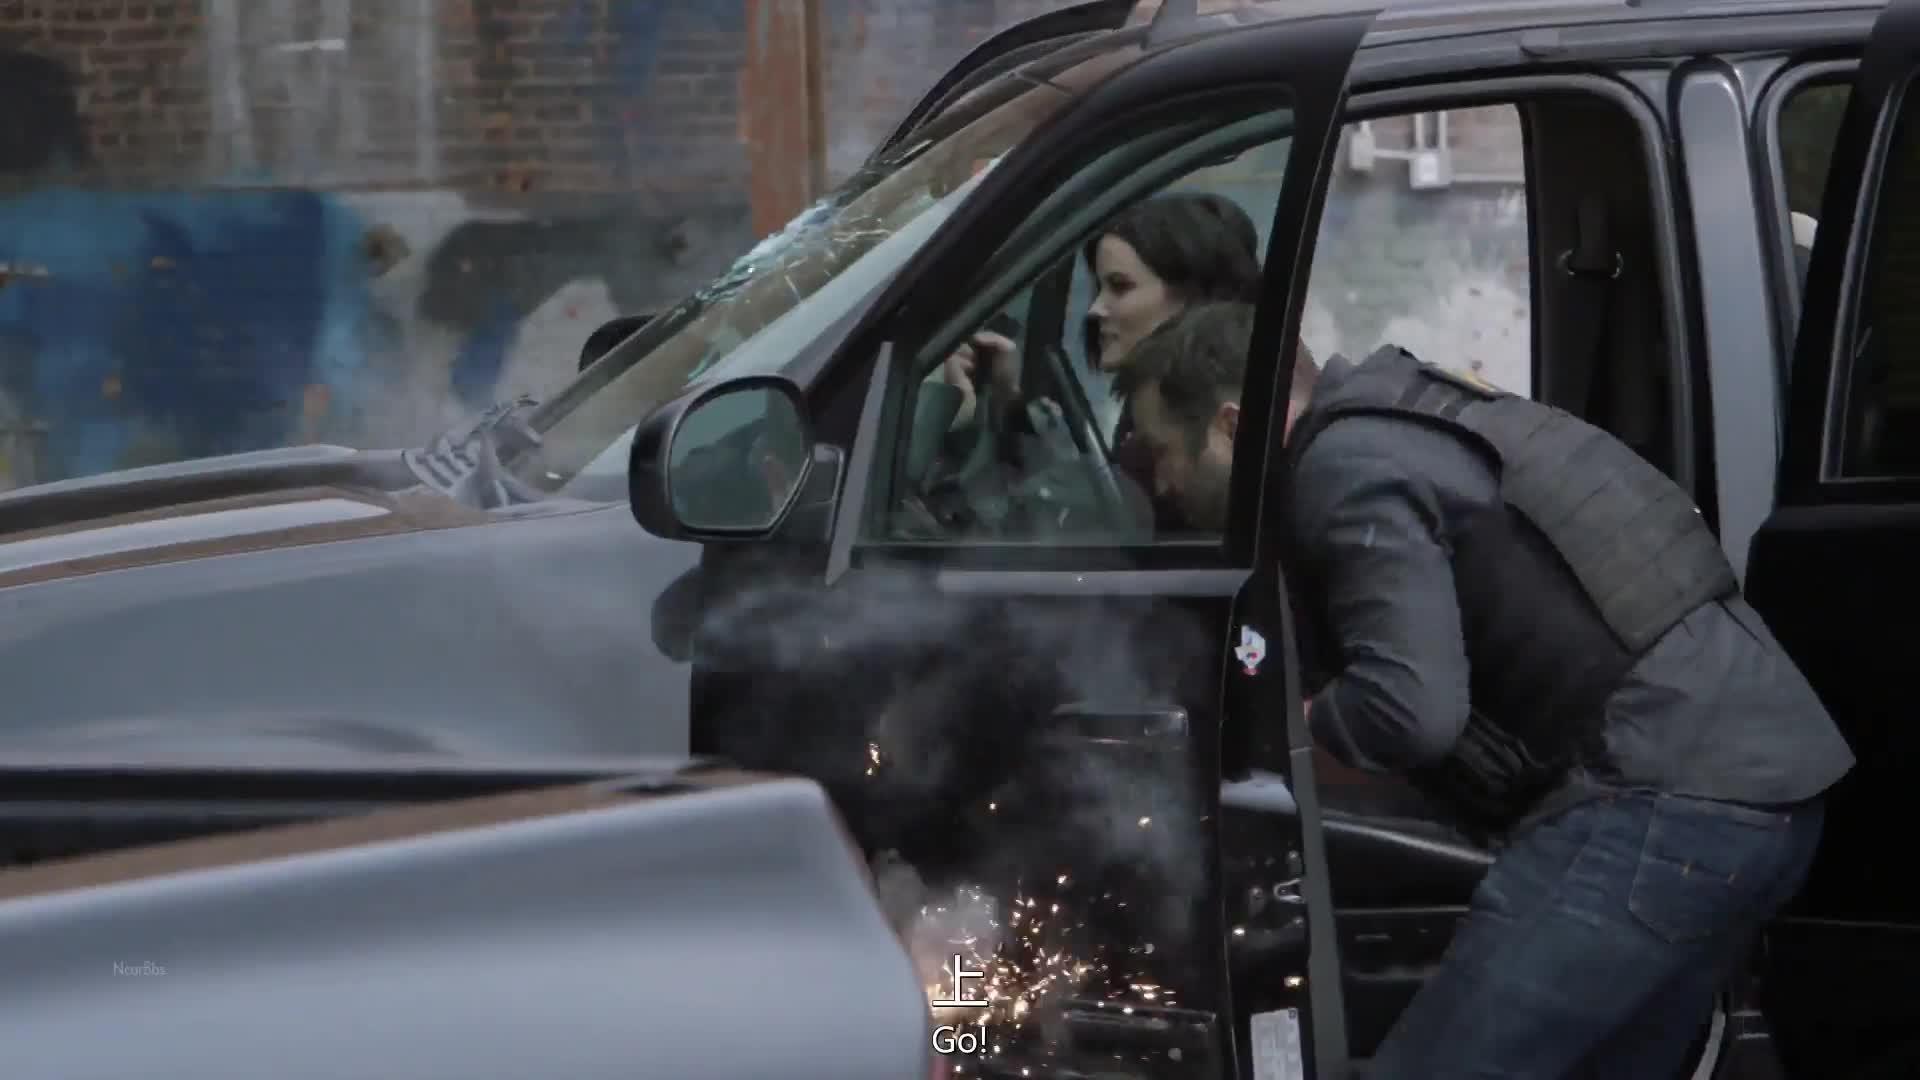 袭击者在一片混乱之后,带武器逃跑,结果被柯特他们发现了